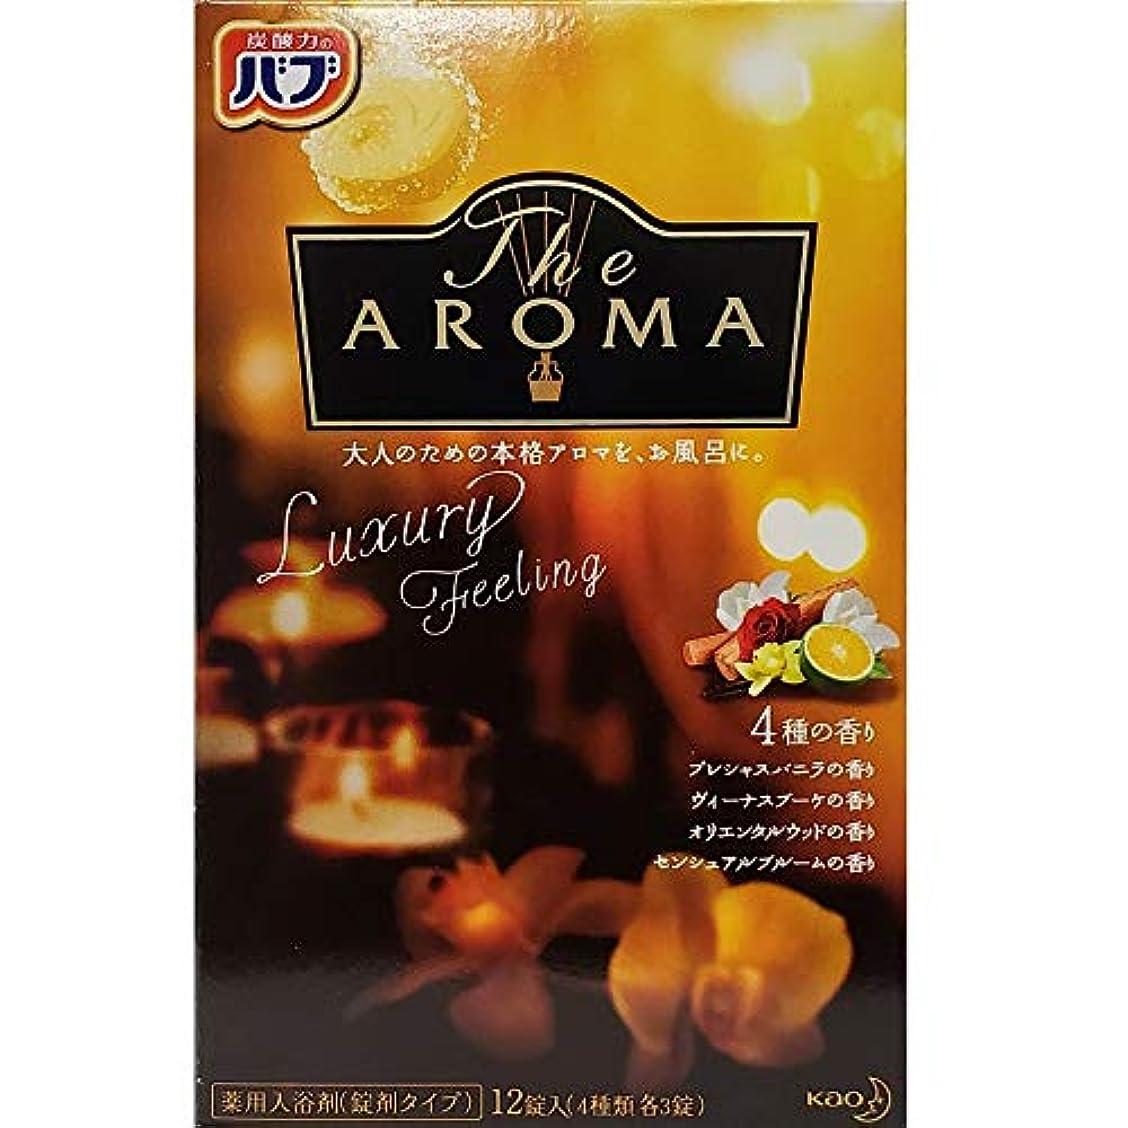 ぼんやりしたパシフィックスポーツの試合を担当している人バブ The Aroma Luxury Feeling 40g×12錠(4種類 各3錠) 医薬部外品